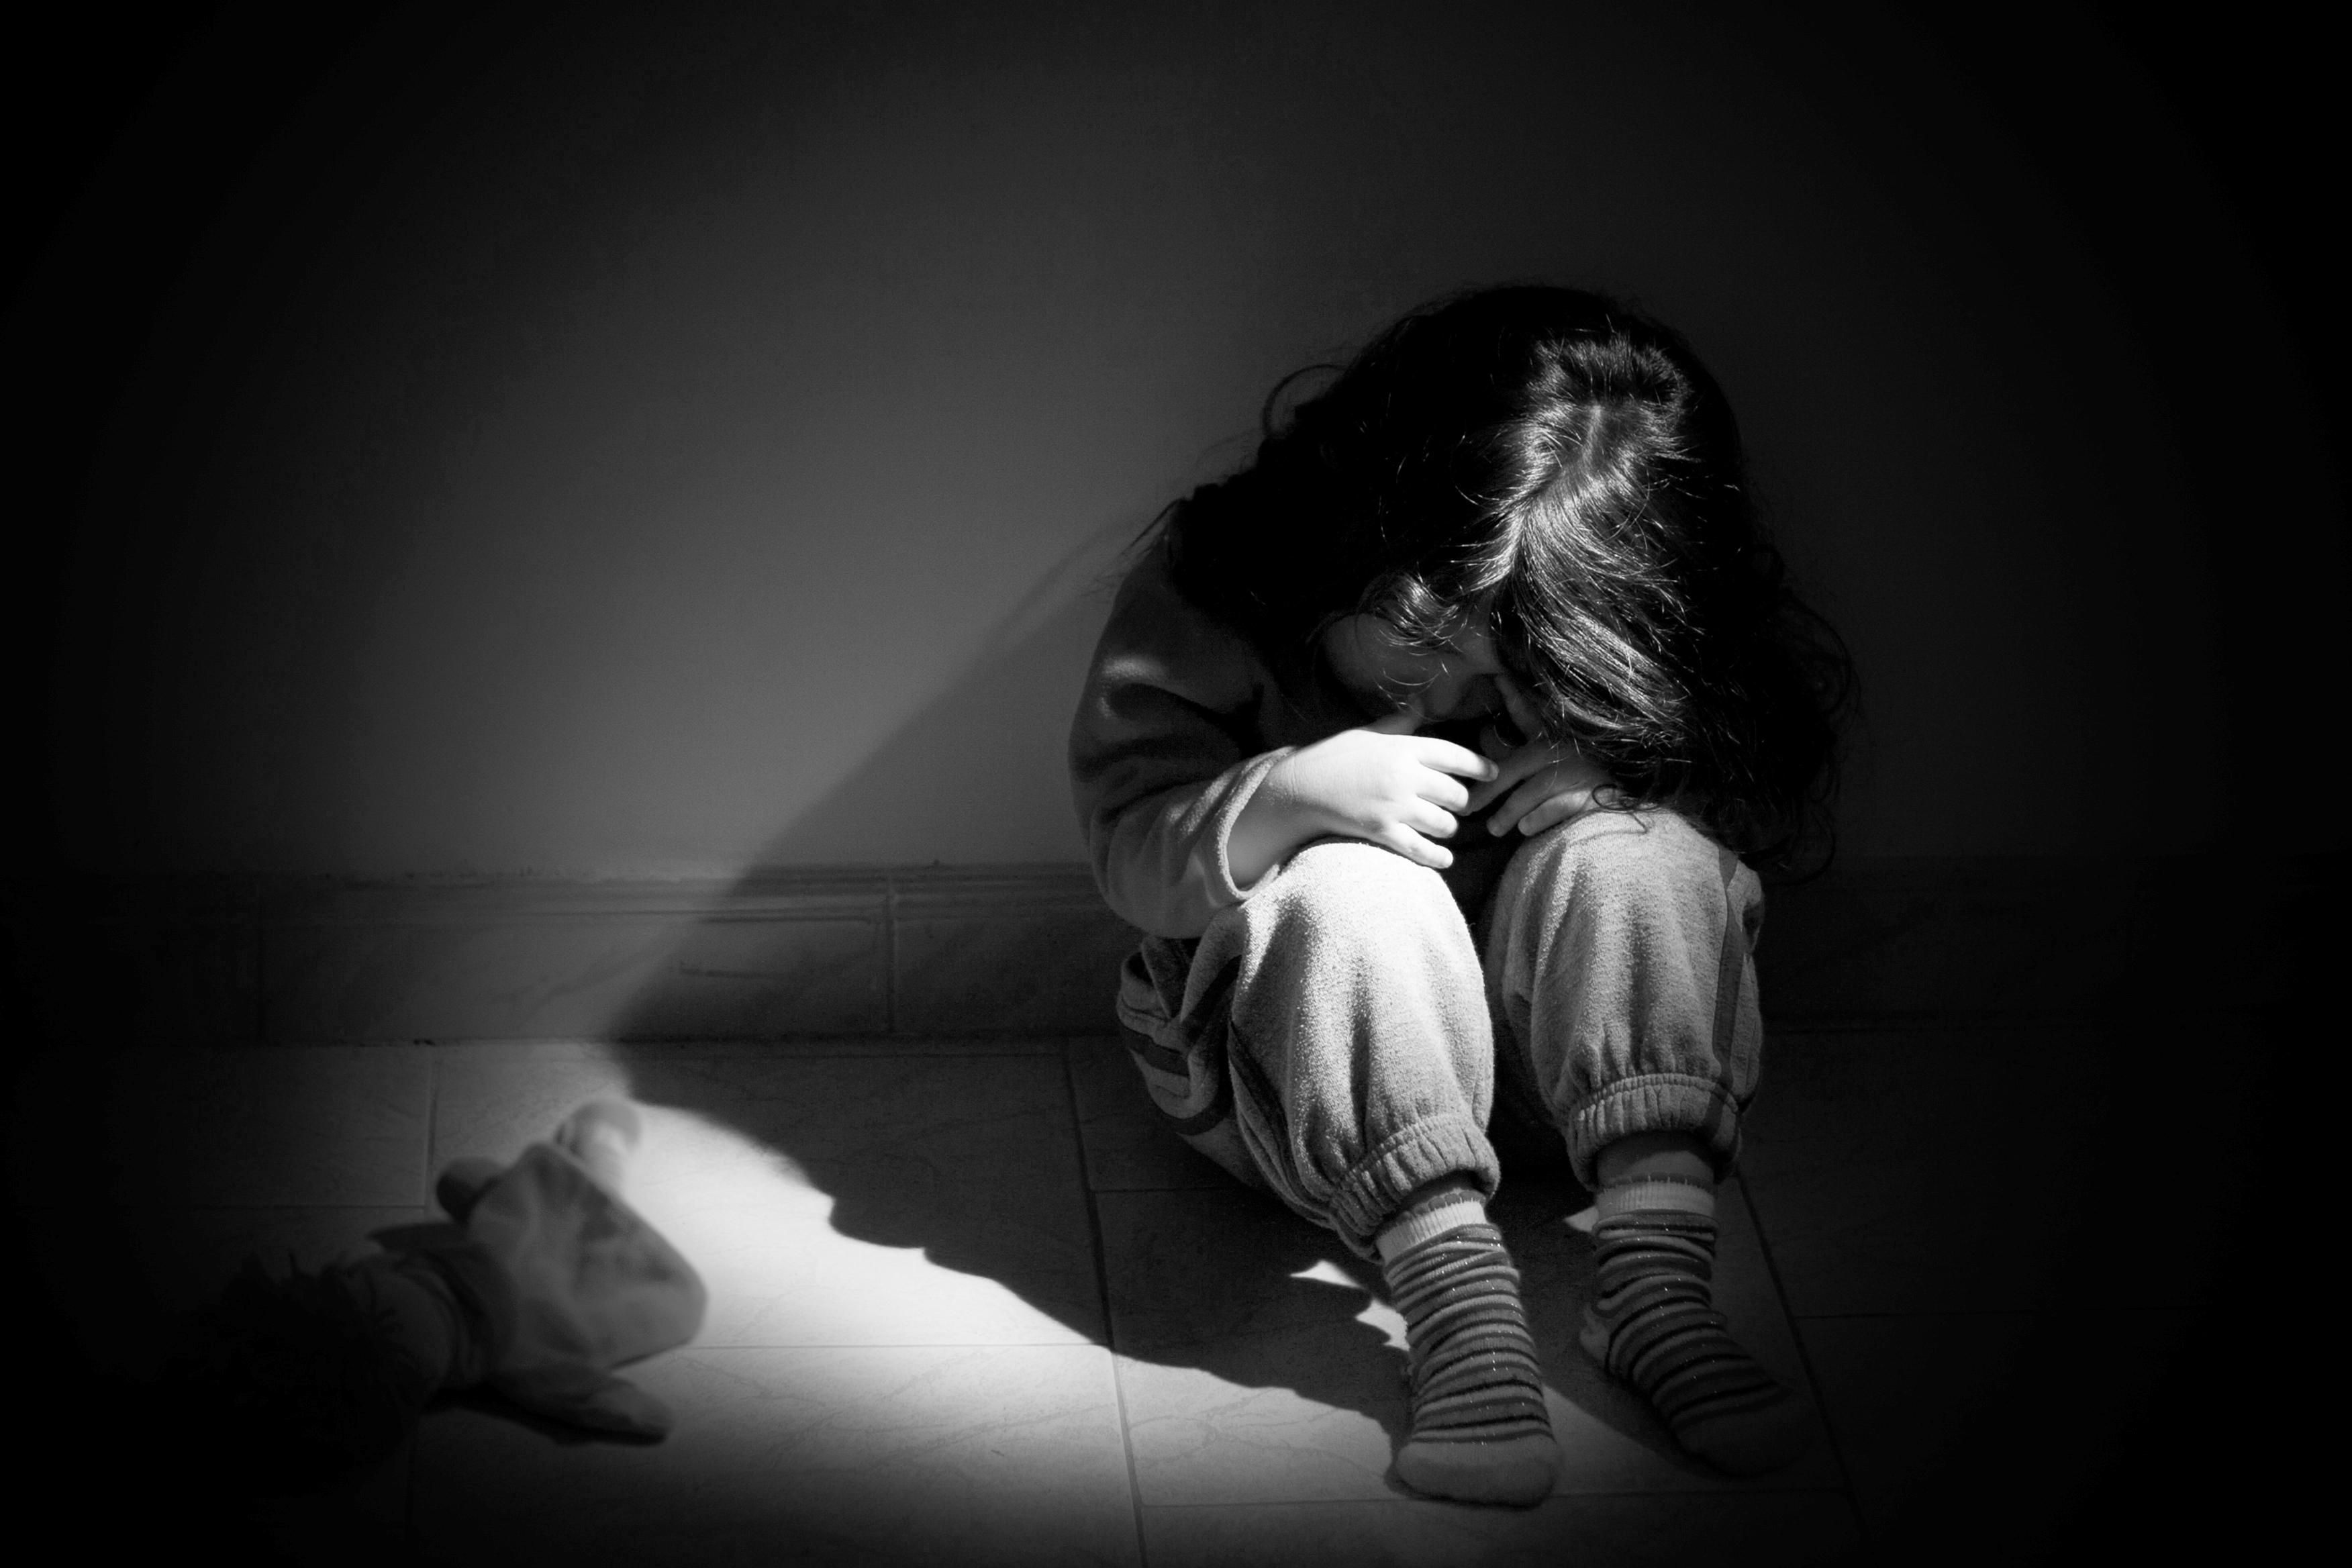 [초등학생이 아프다①][단독] 학교폭력 피해자 10명 중 6명은 초등학생